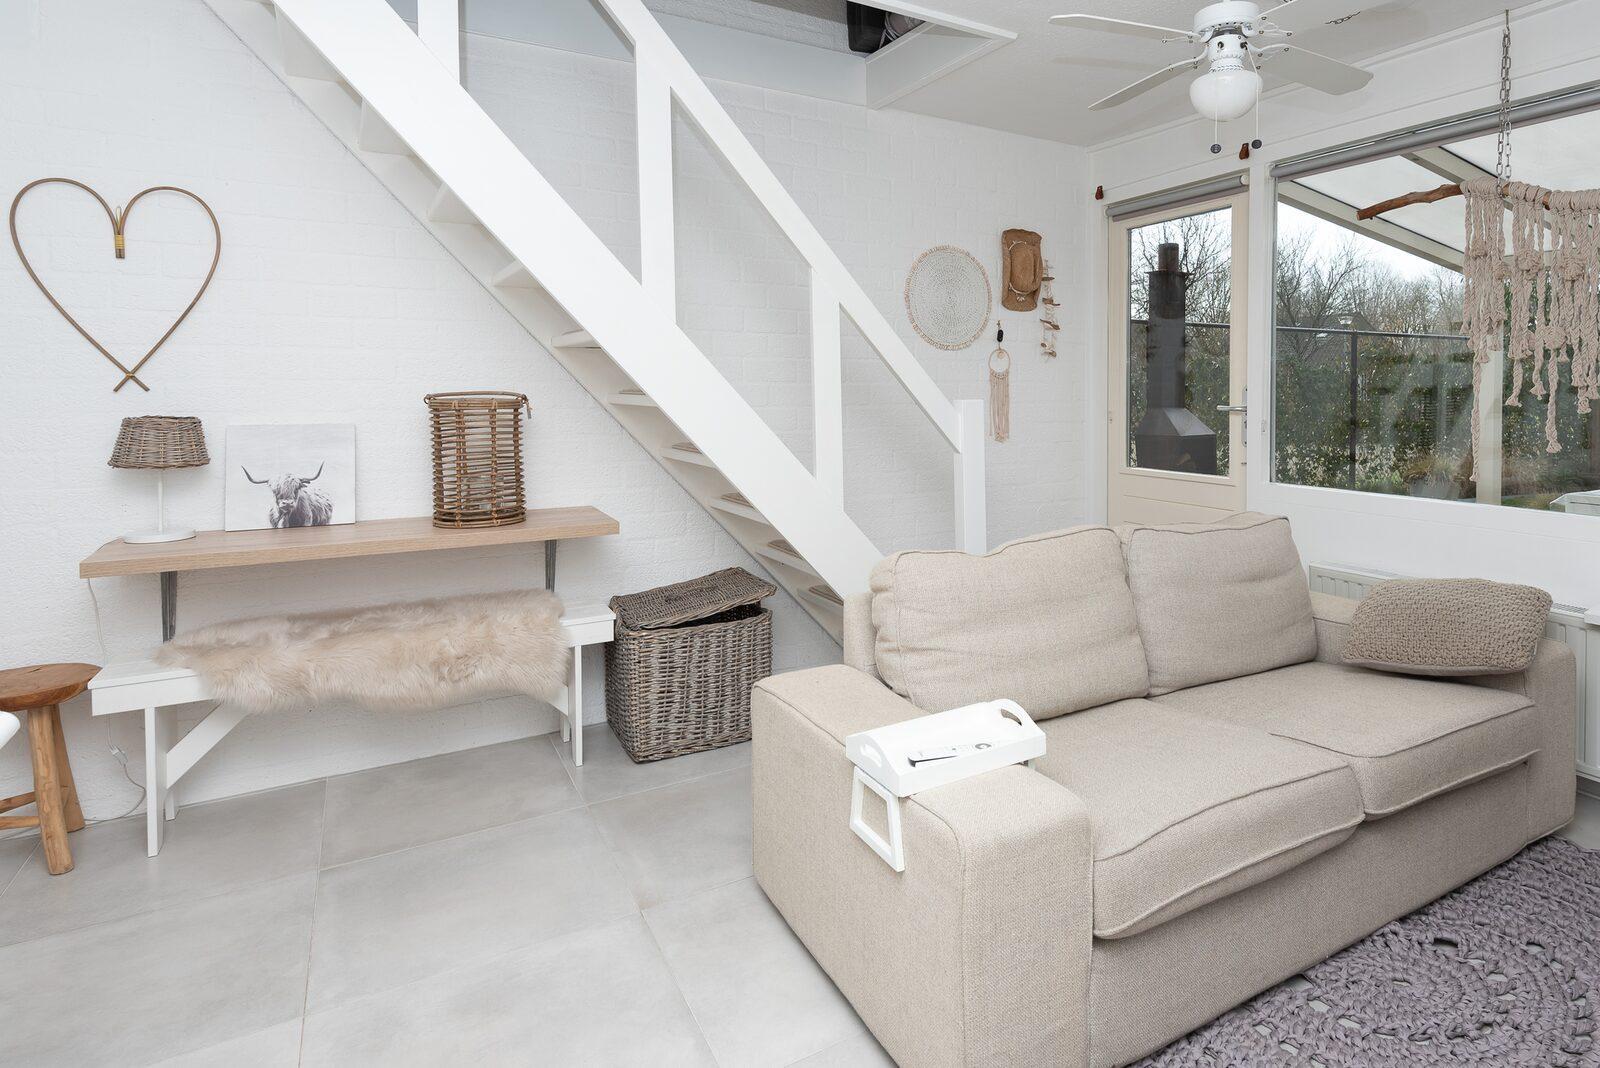 Ferienhaus für 4 Personen ca 70 m² in Bruinisse Zeeland Küste von Zeeland